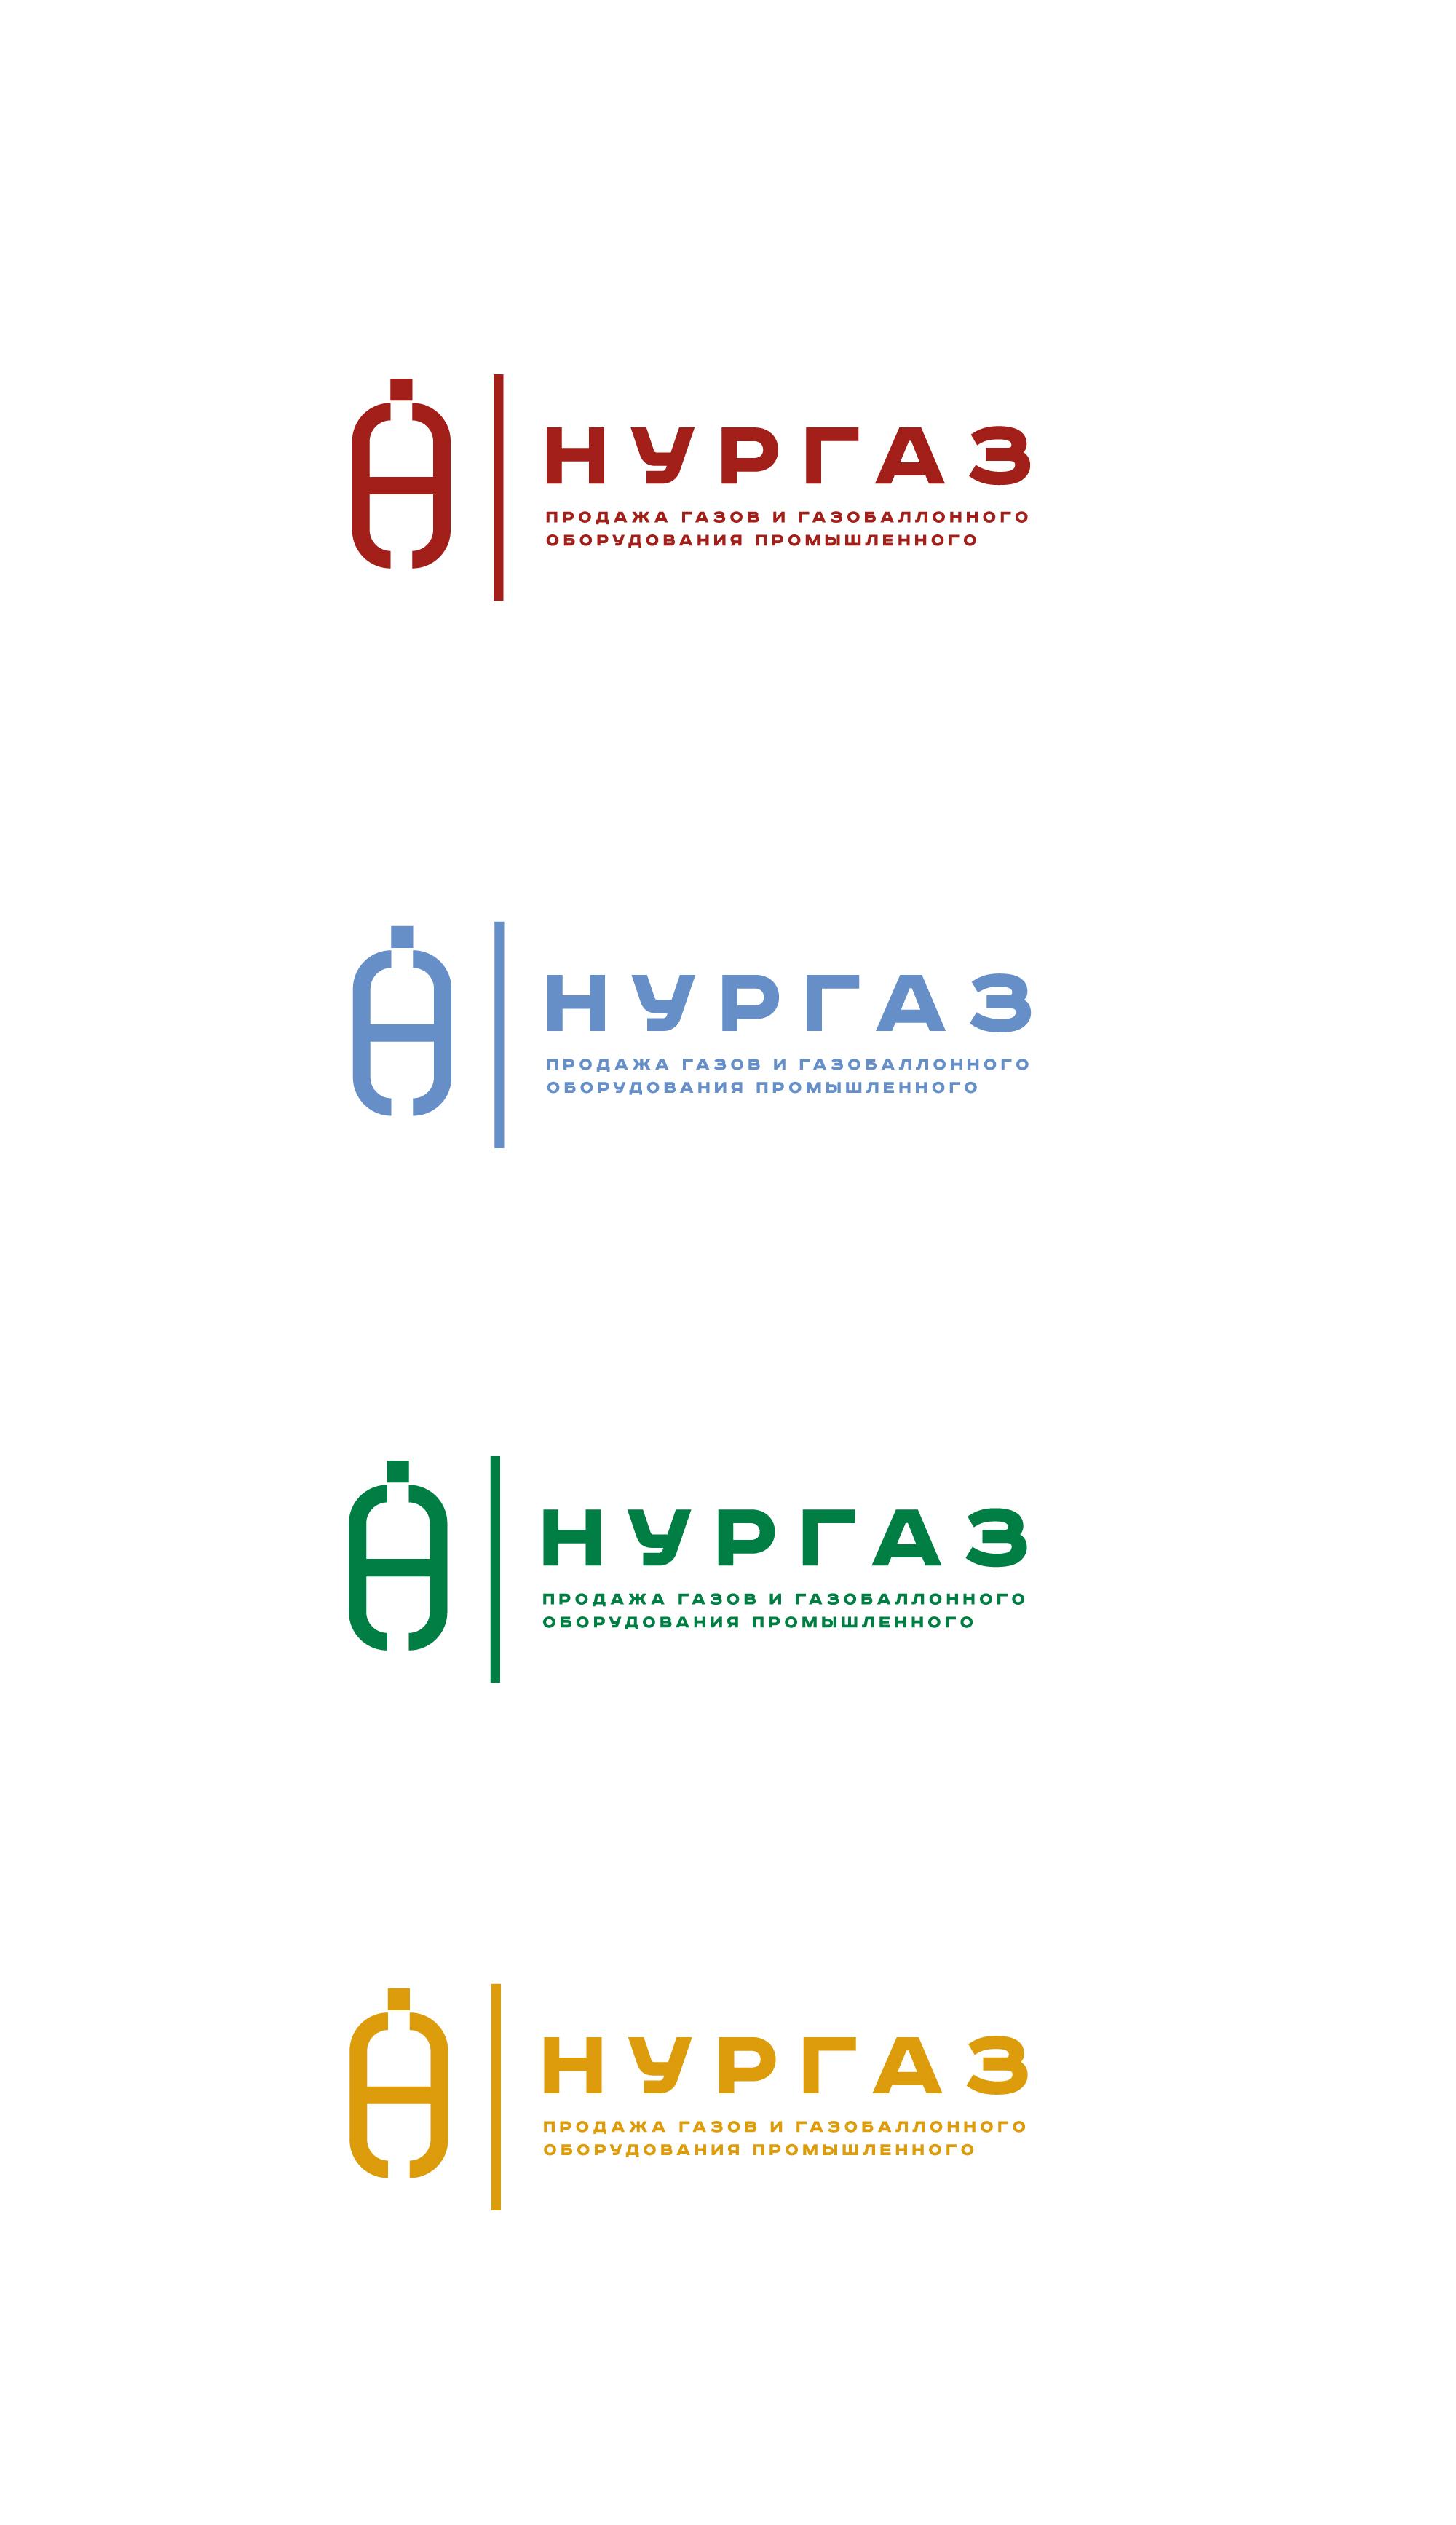 Разработка логотипа и фирменного стиля фото f_9545d9ba90e0cc43.jpg